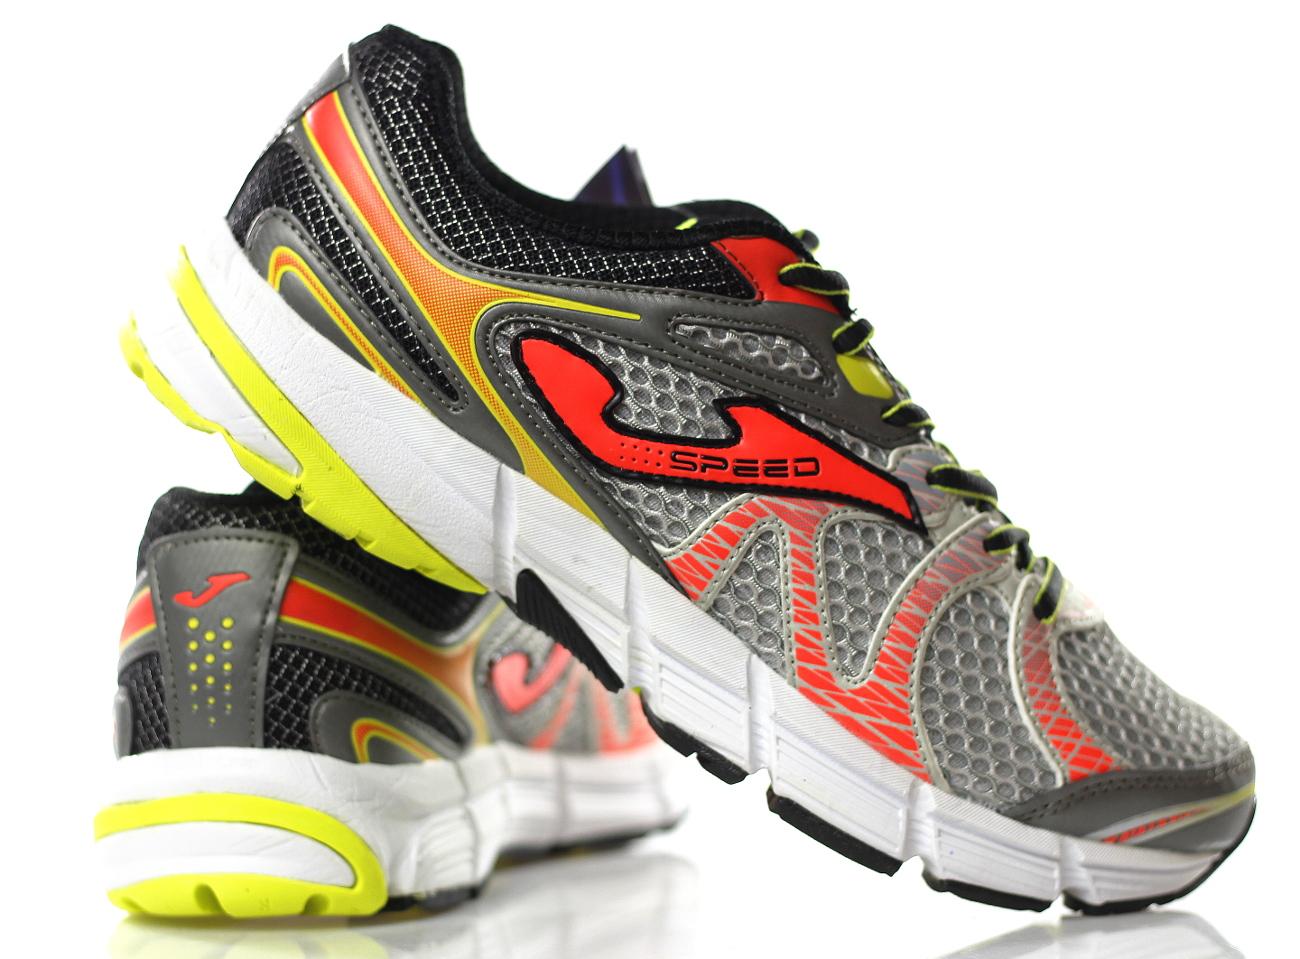 Lekkie buty do biegania JOMA SPEED LADY 512